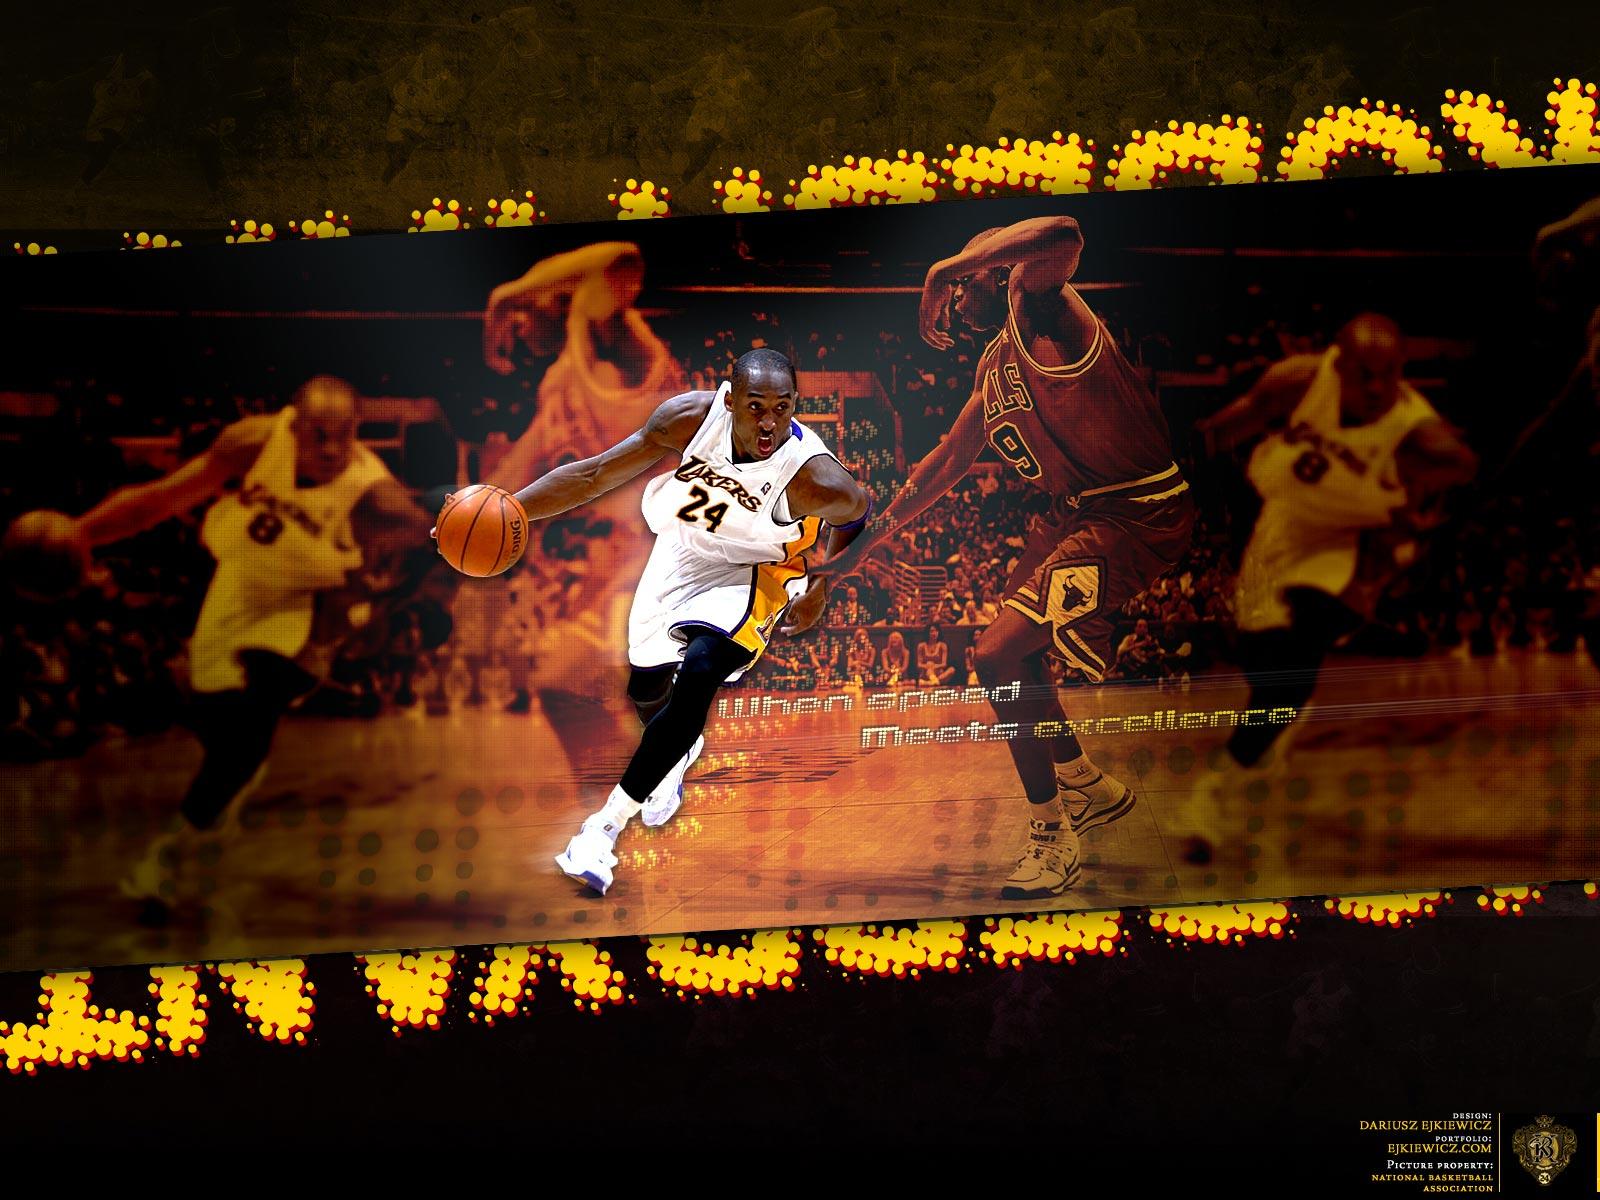 Kobe-Bryant-24-Wallpaper.jpg